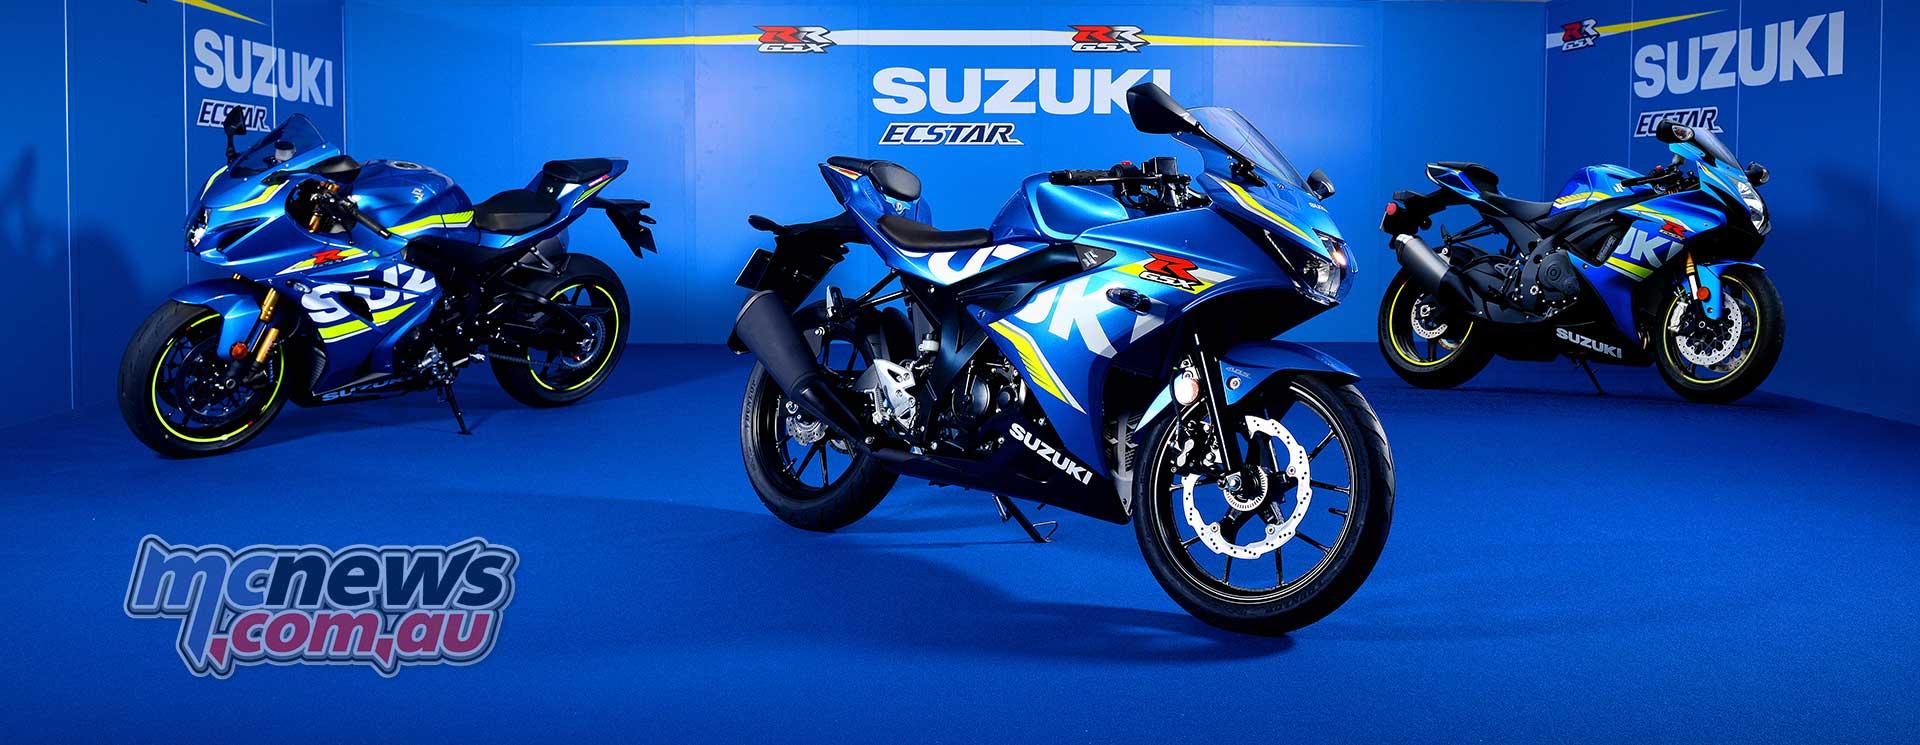 Suzuki GSX-S125 GSX-R125 Review   Motorcycle Test   MCNews